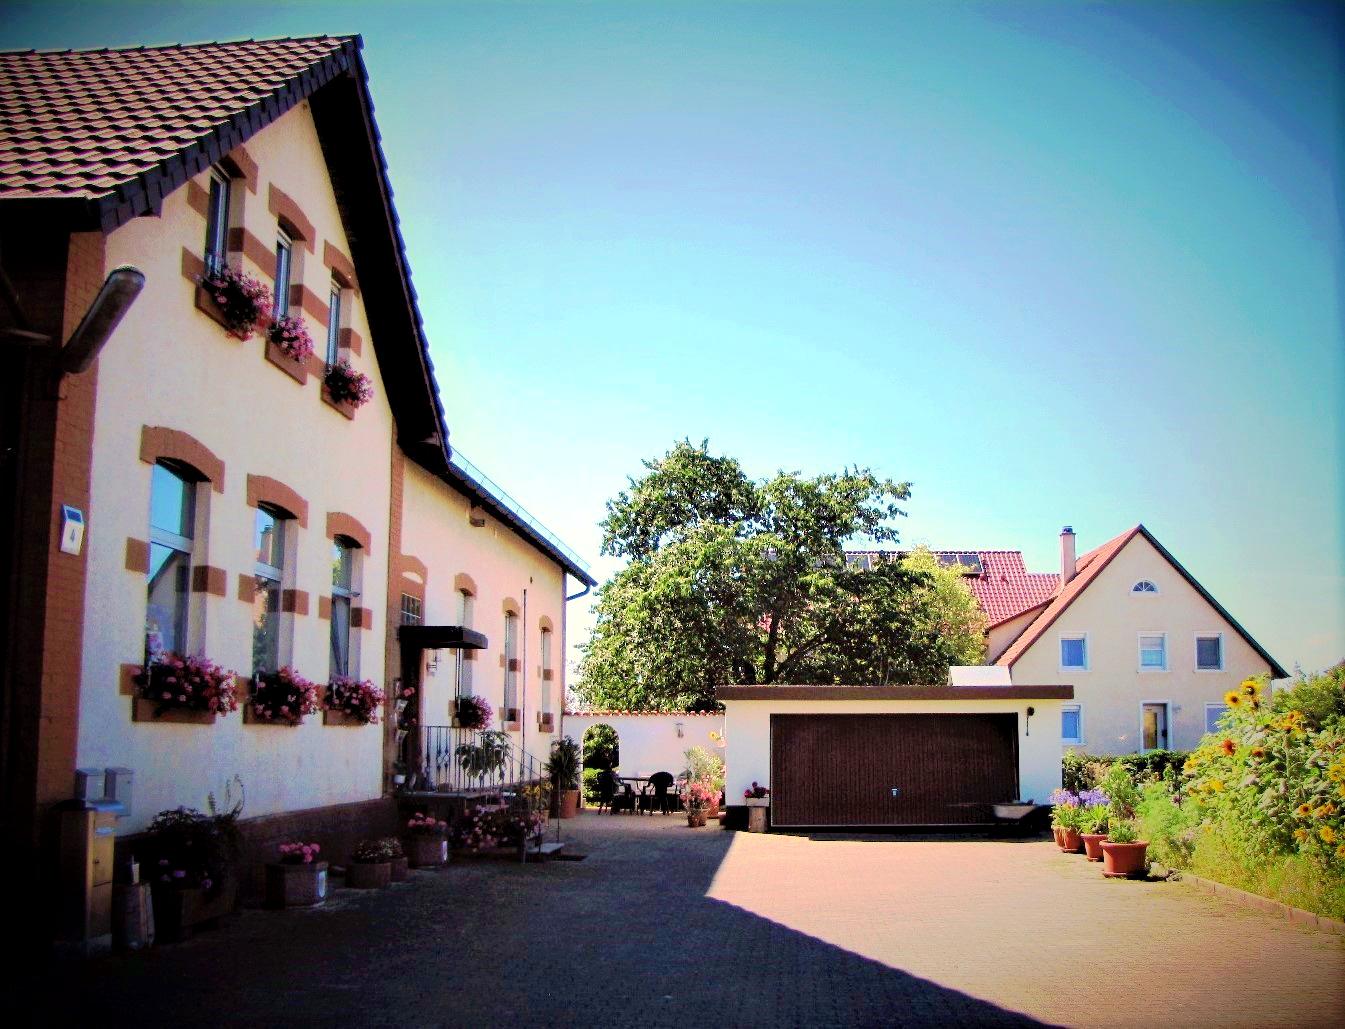 Ferienwohnung Vogesenblick, (Ringsheim). Ferienwoh